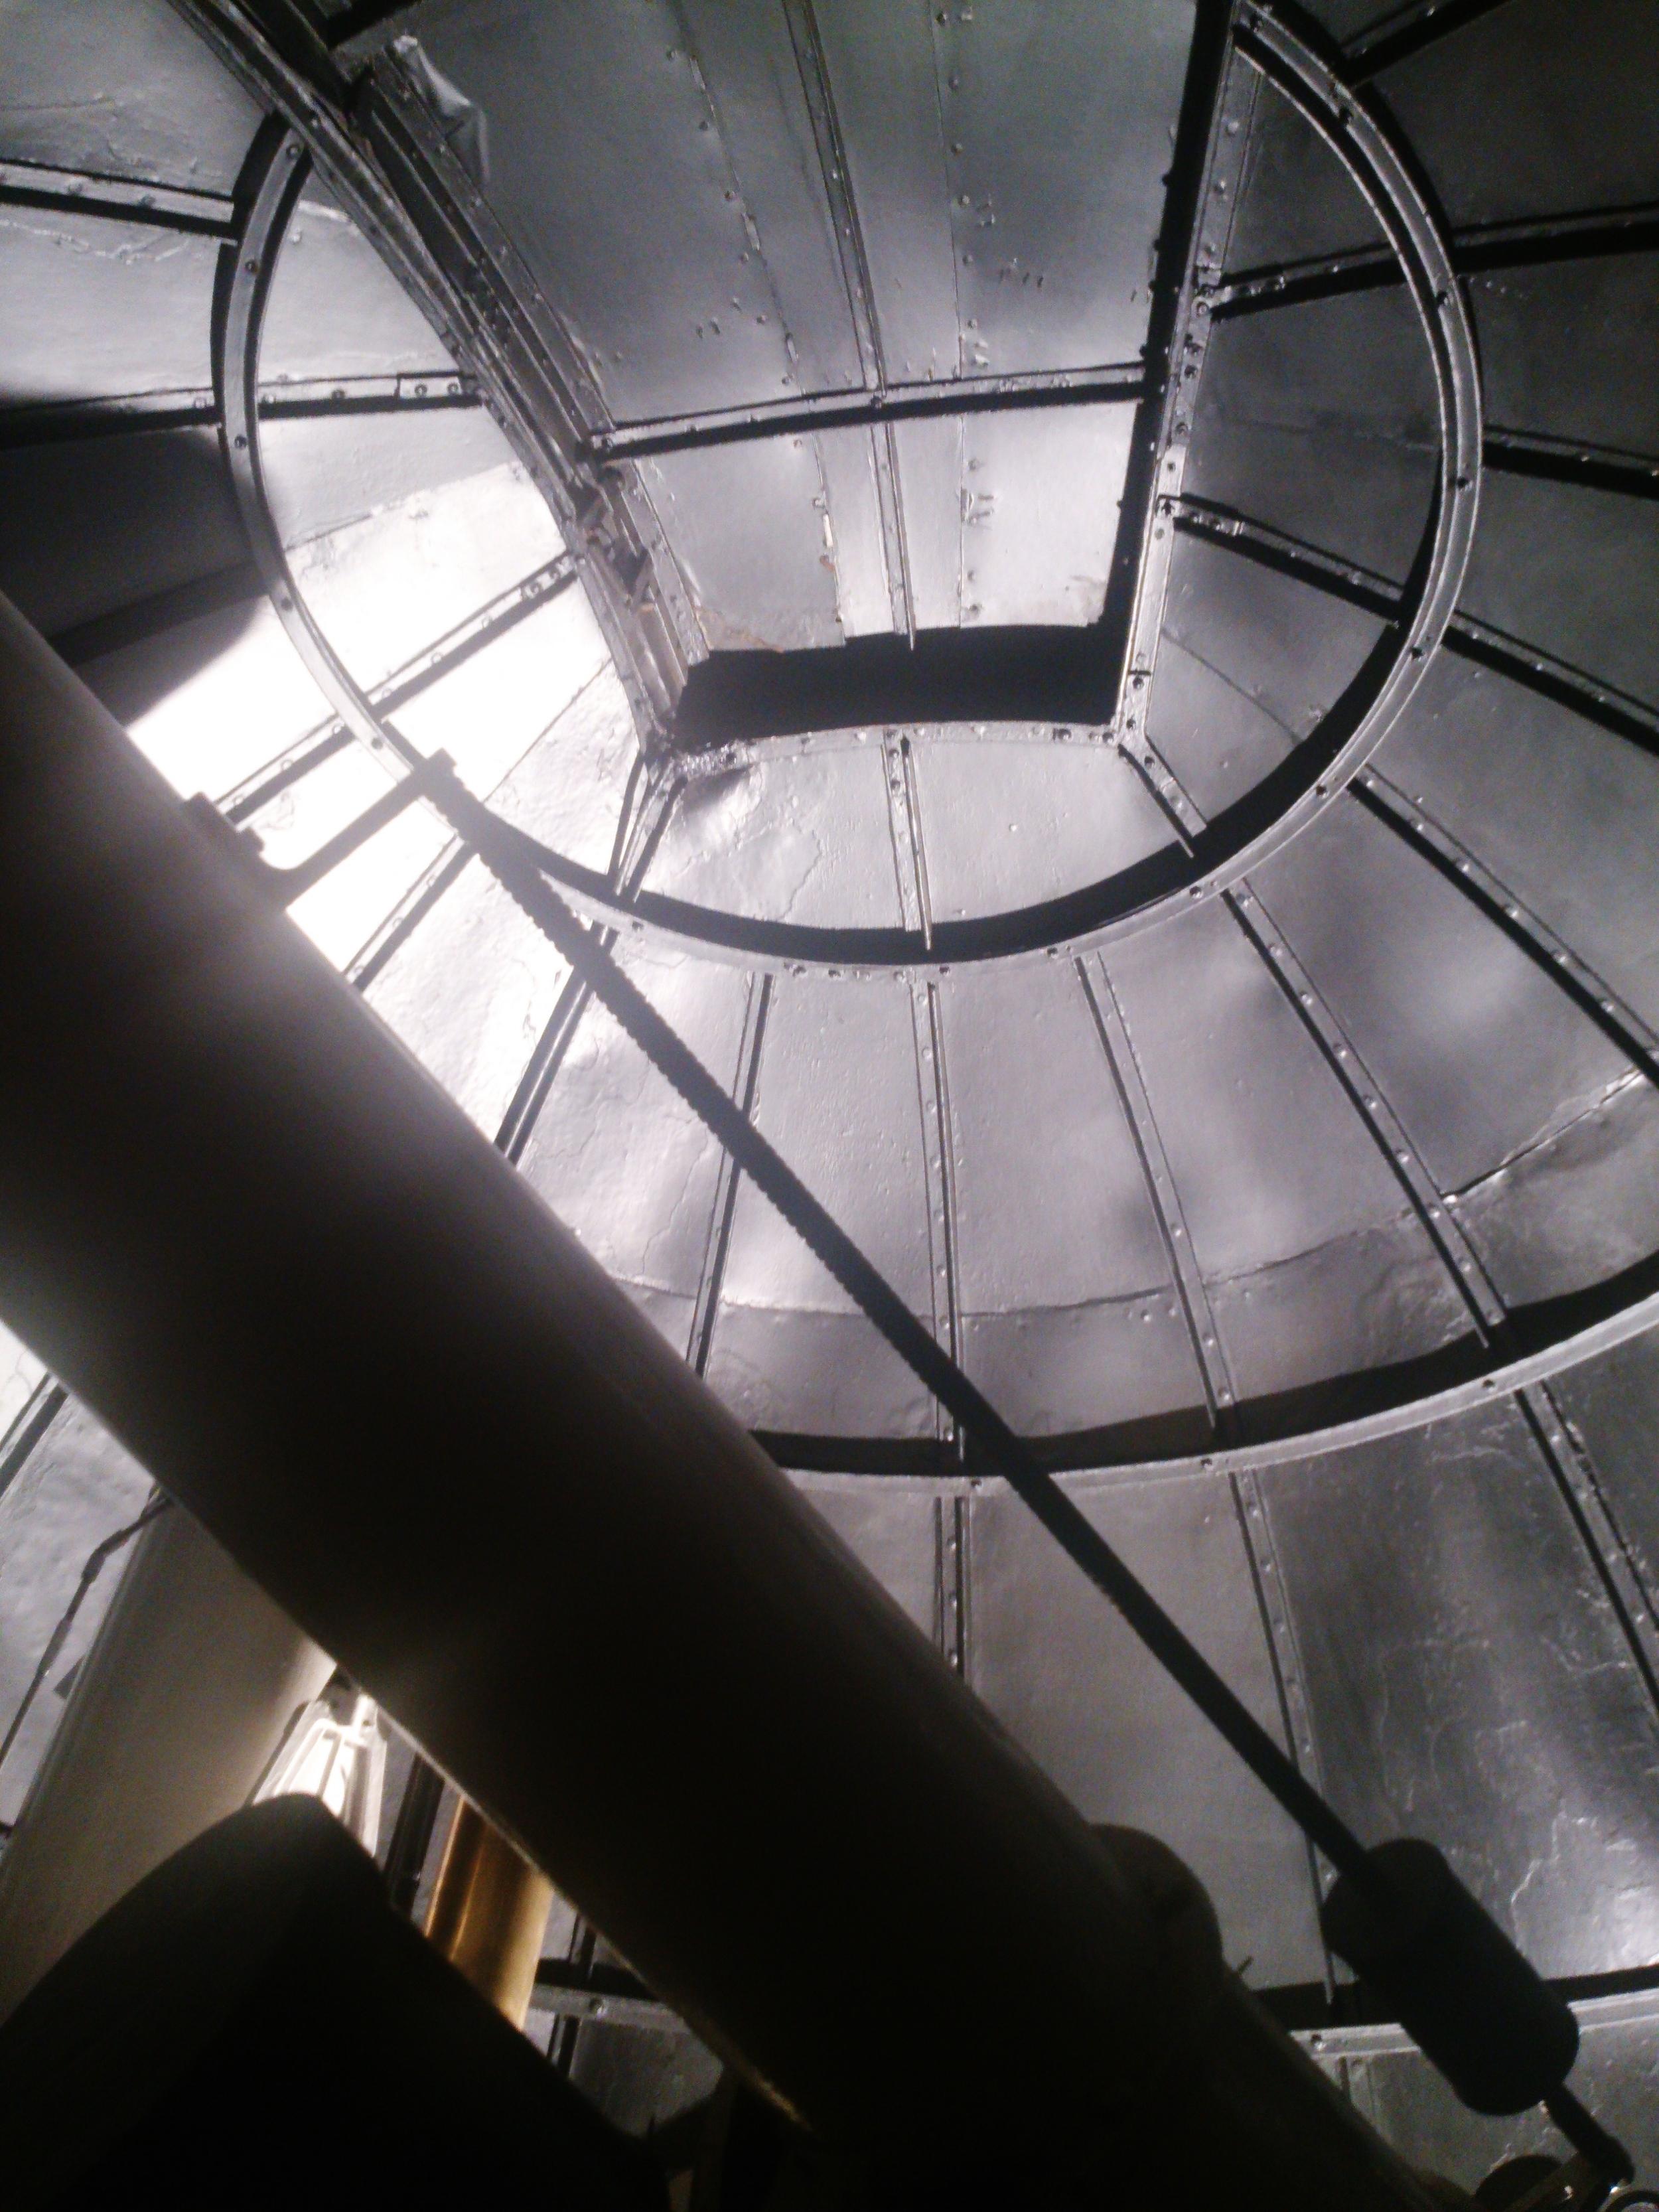 godlee observatory dome.jpg